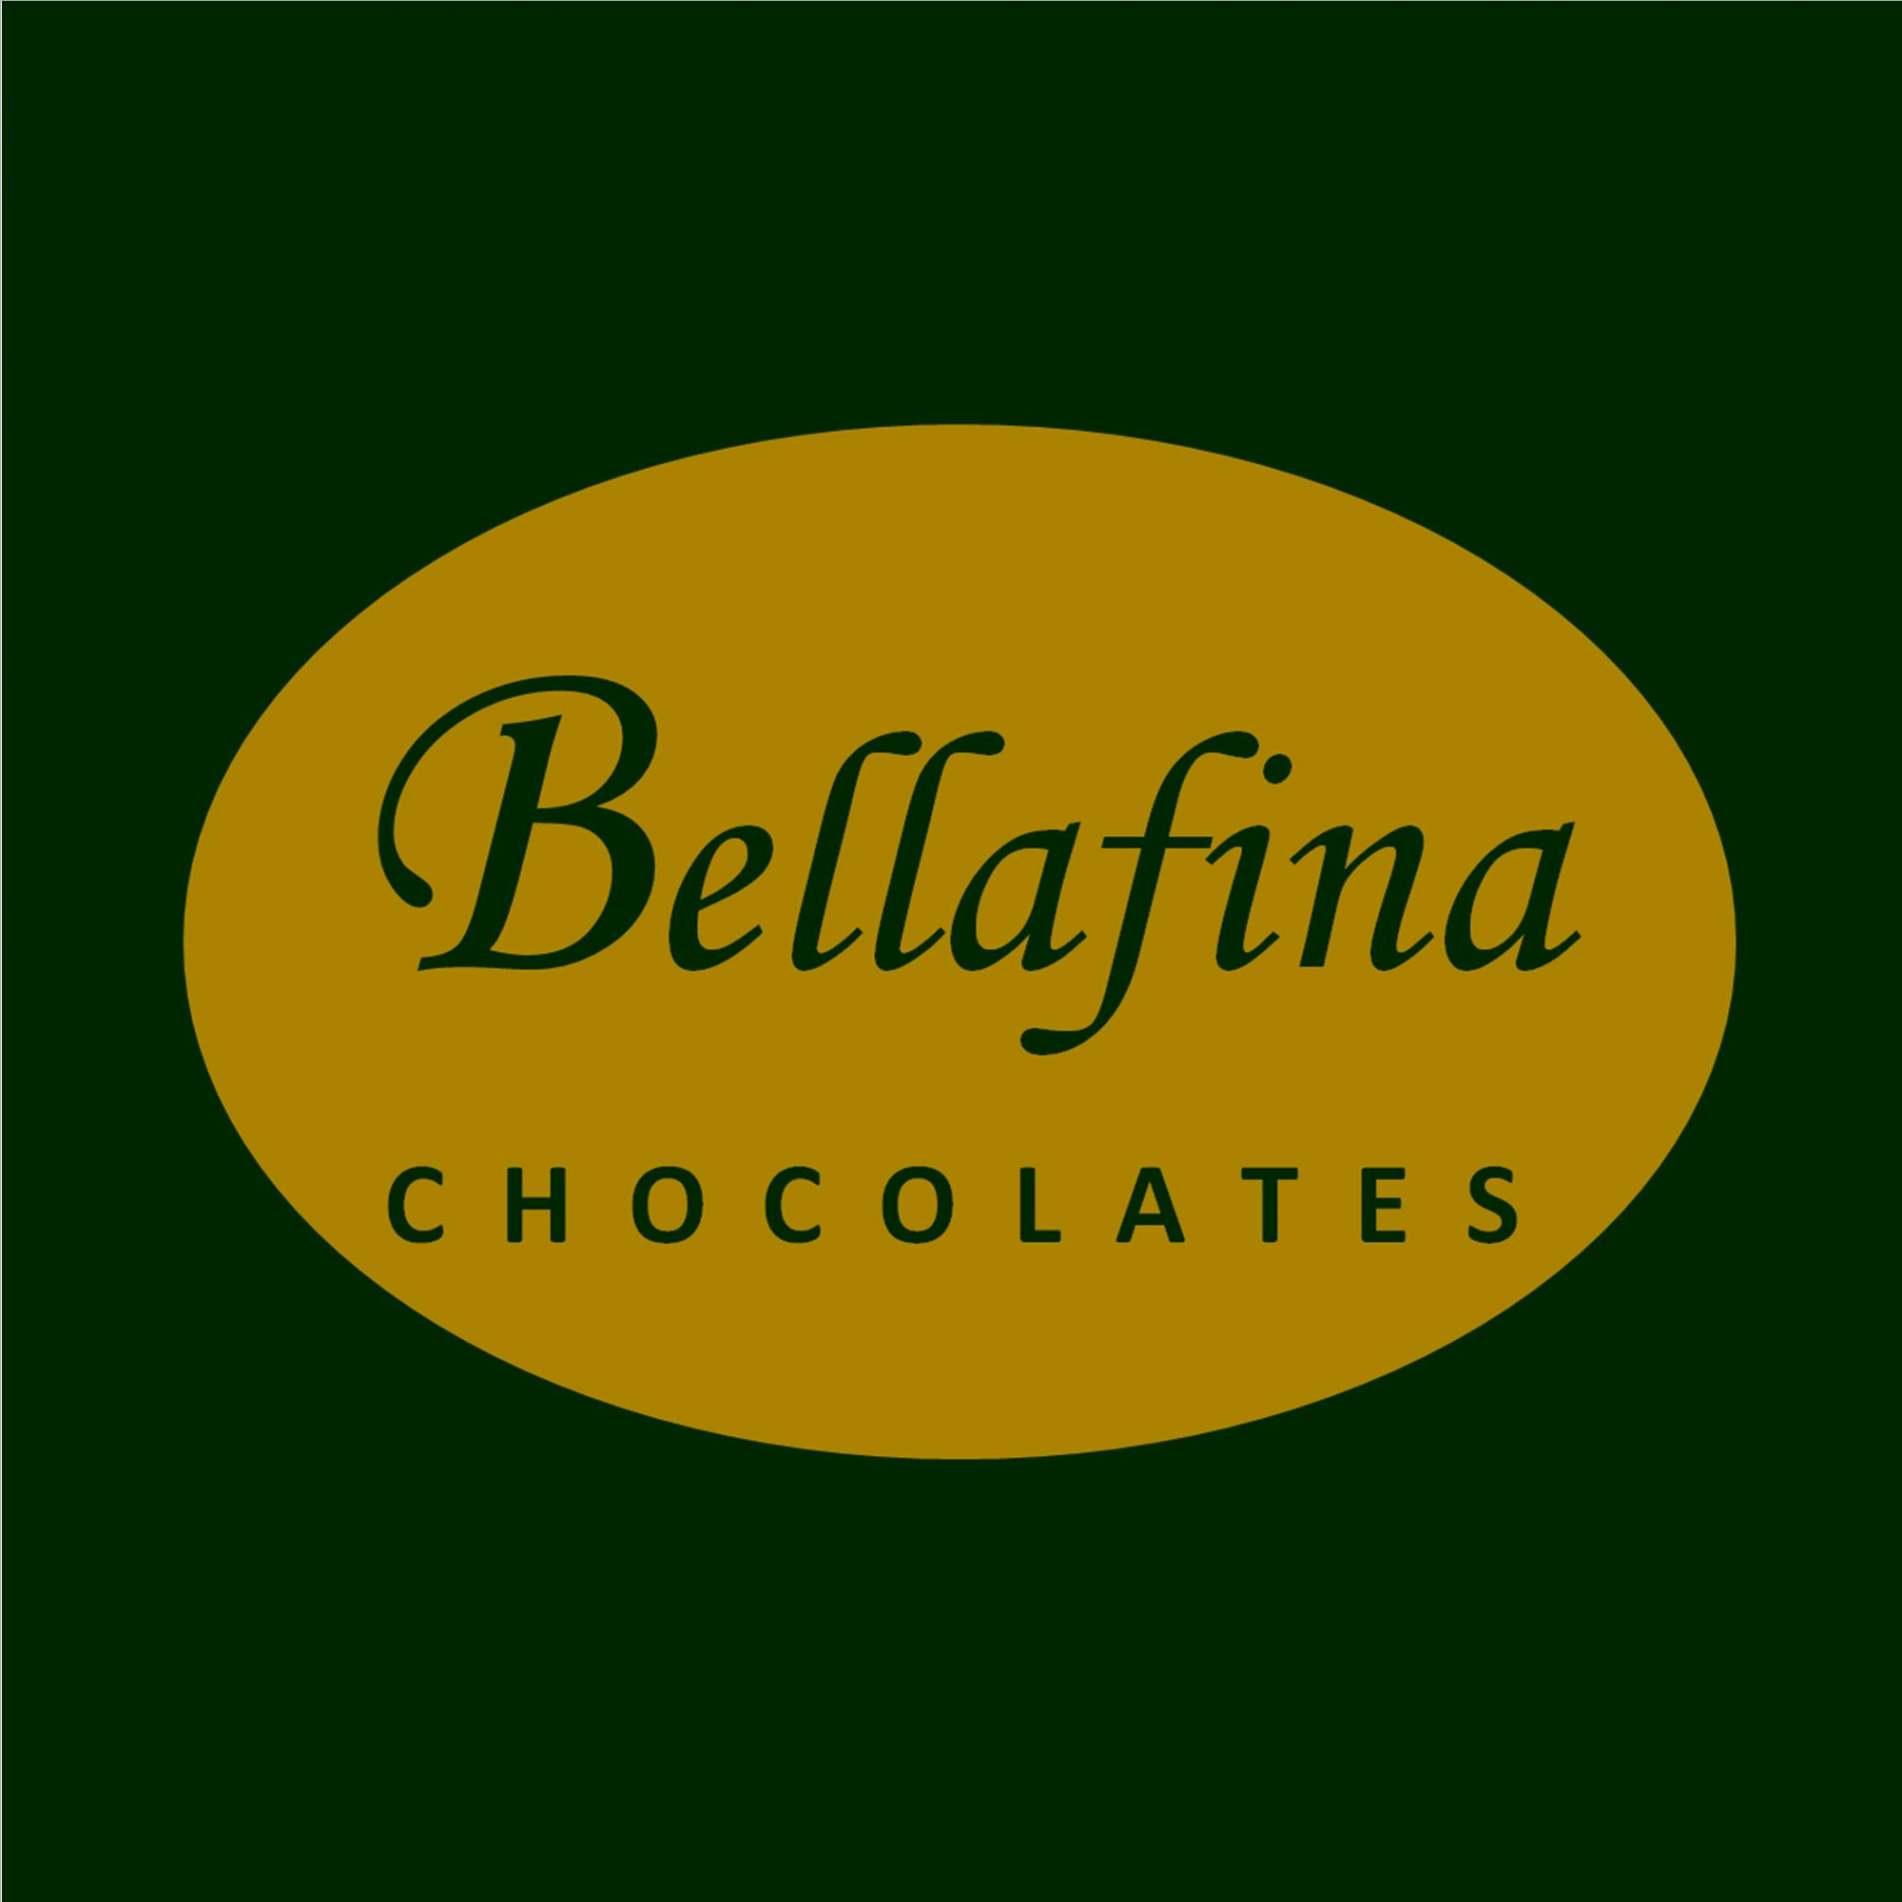 BellafinaChocolates Logo